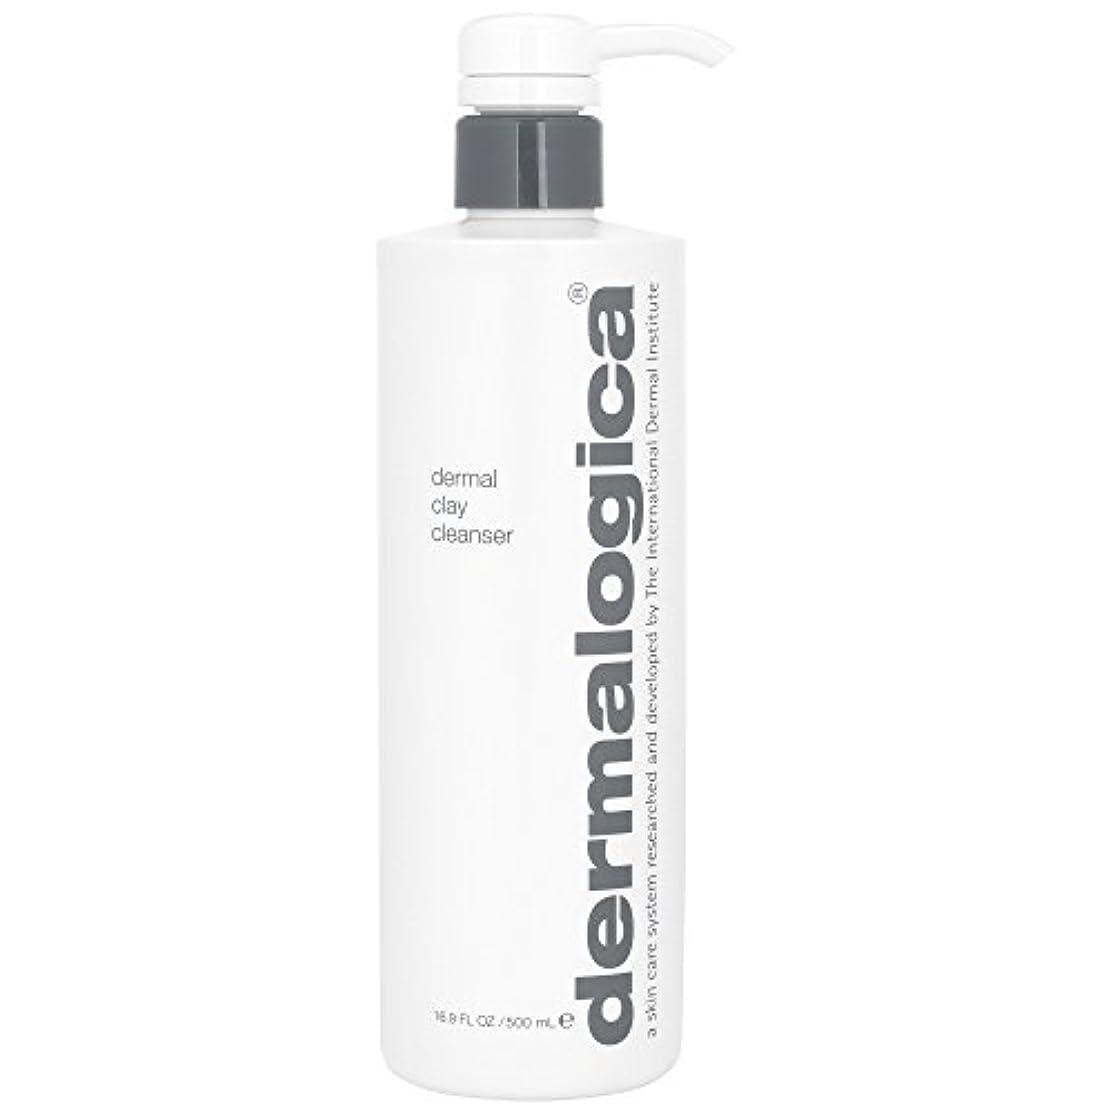 半導体ゴミ箱よく話されるダーマロジカ真皮クレイクレンザー500ミリリットル (Dermalogica) (x2) - Dermalogica Dermal Clay Cleanser 500ml (Pack of 2) [並行輸入品]